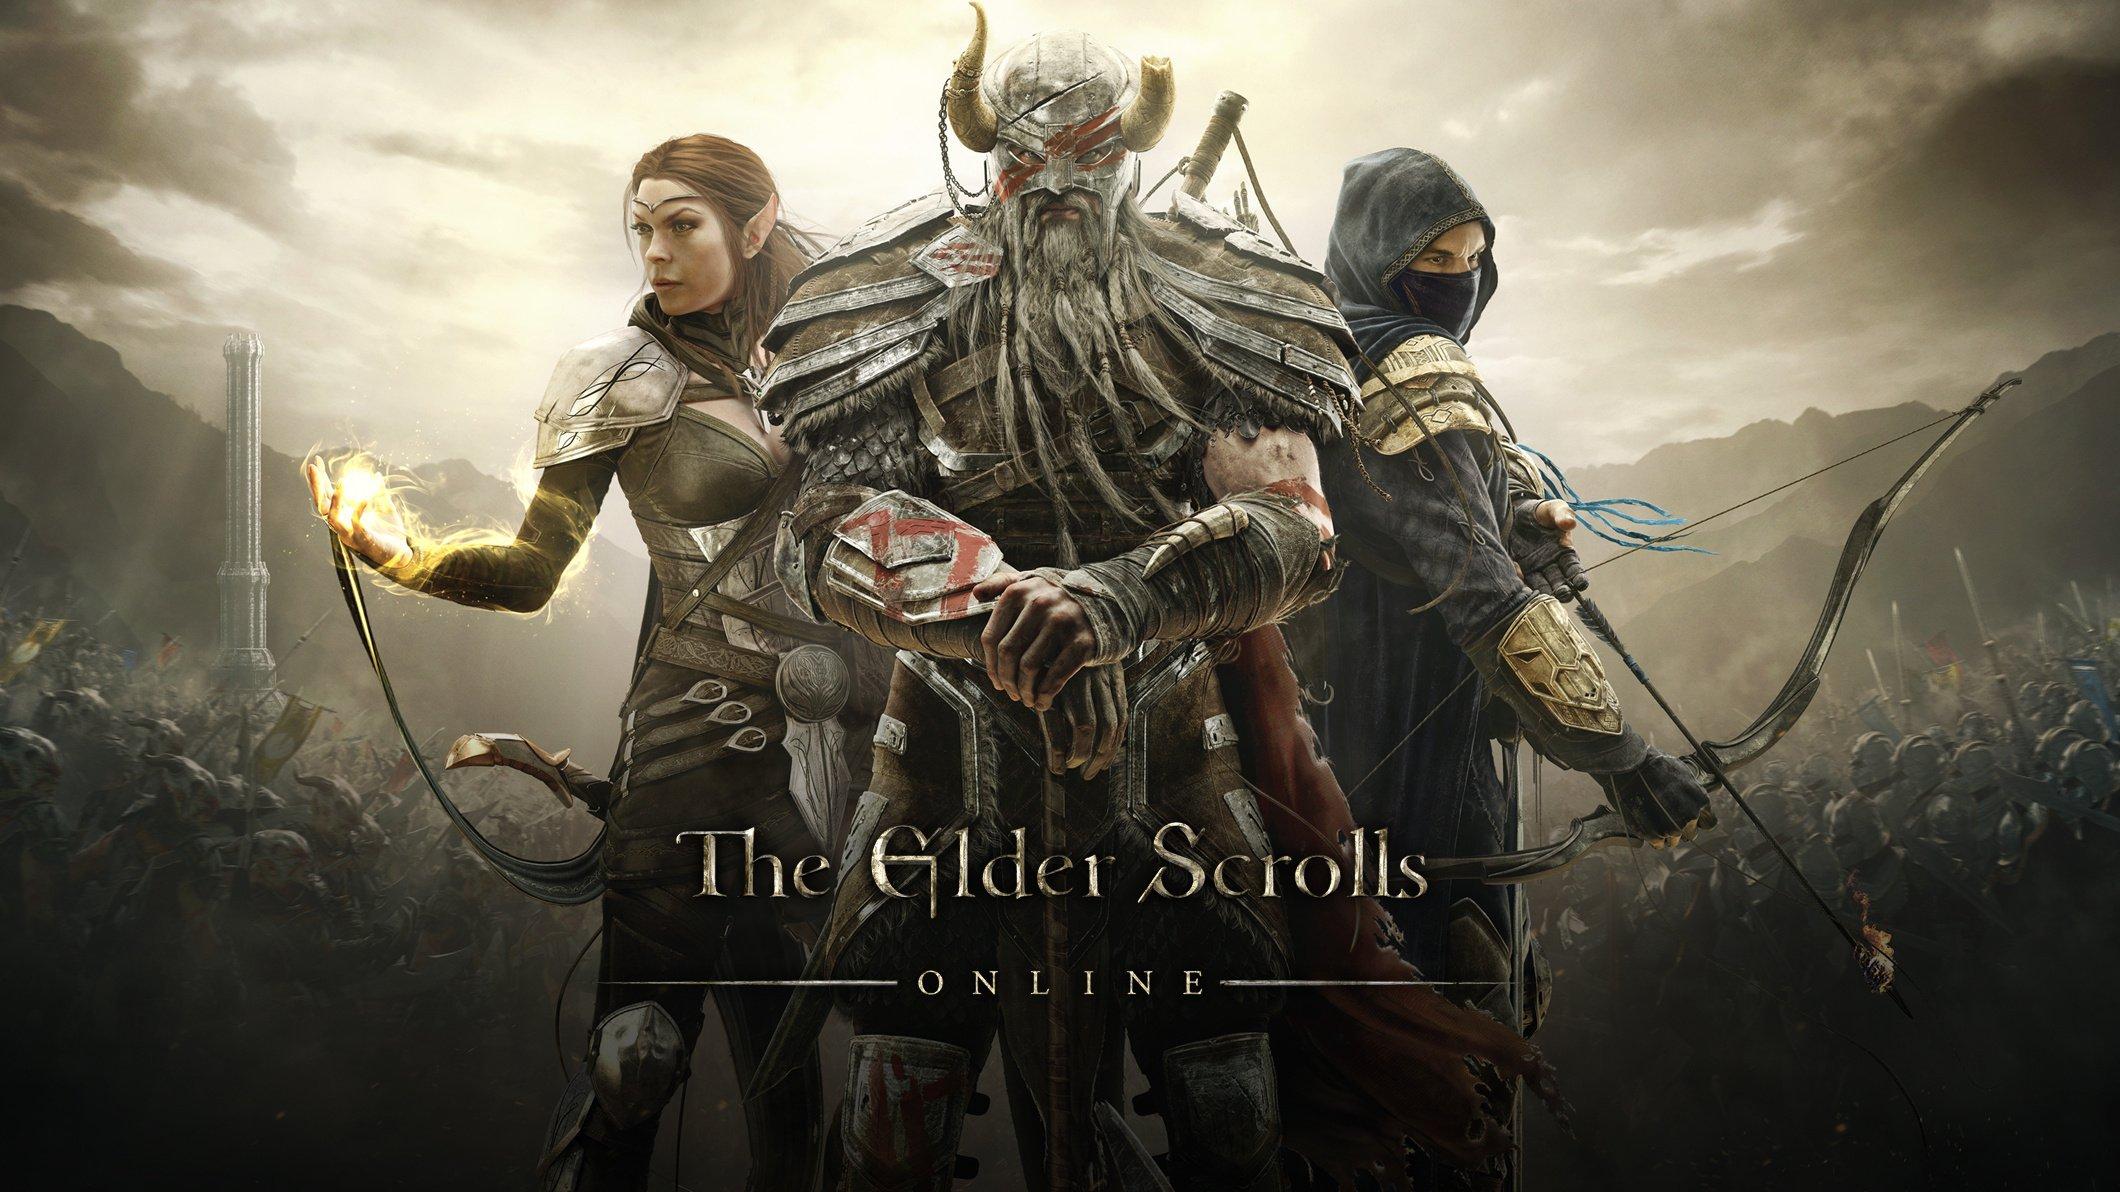 The Elder Scrolls Online: Период бесплатной игры и стандартное издание с выгодой до 60%